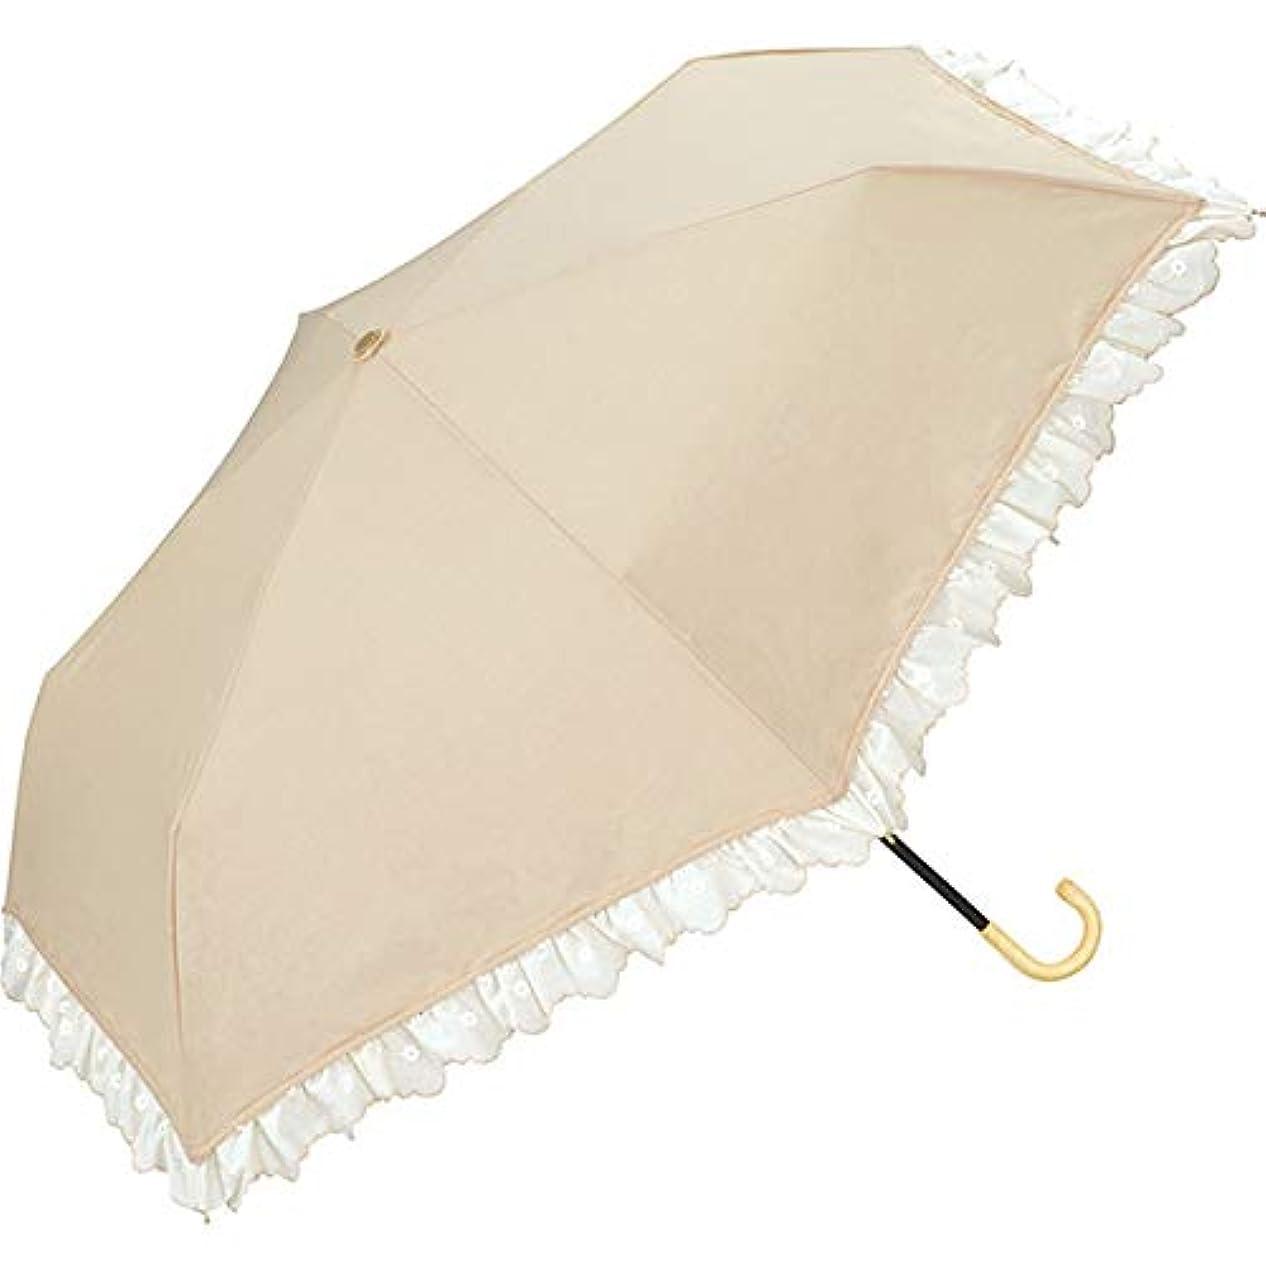 地域のペア農業ワールドパーティー(Wpc.) 日傘 折りたたみ傘 白 50cm レディース 傘袋付き ラインフラワー刺繍ミニ 801-8577 OF